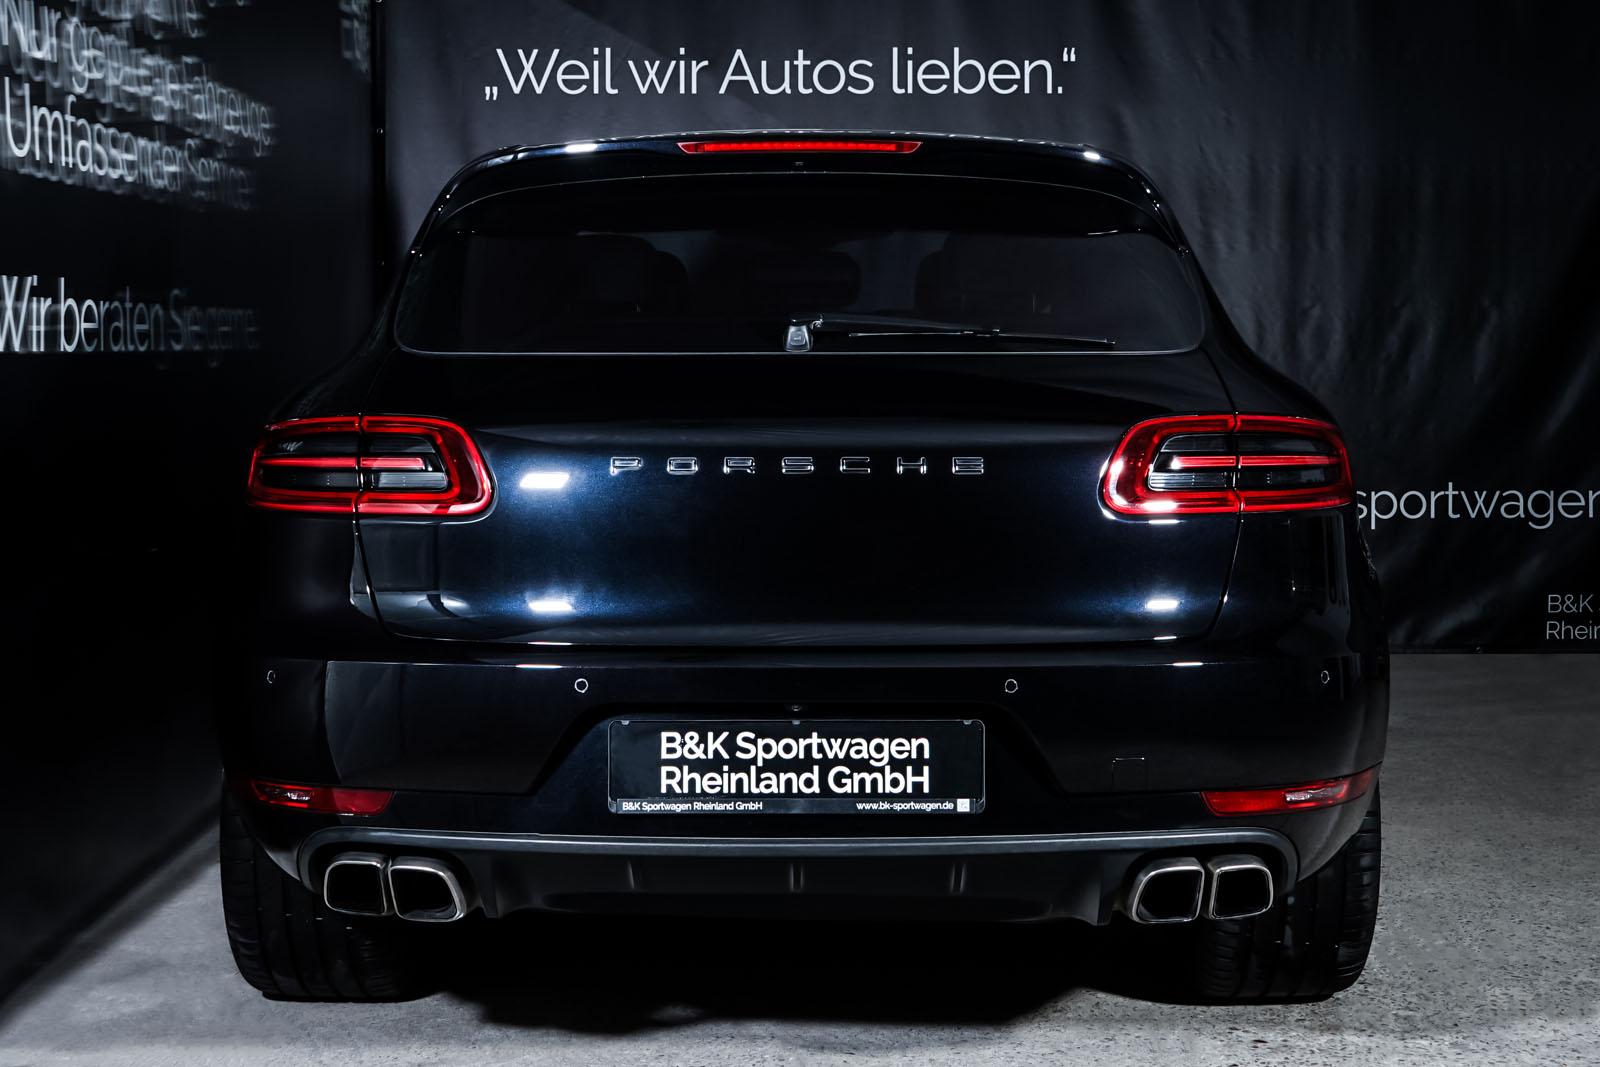 Porsche_Macan_TurboS_Schwarz_Schwarz_POR-2871_13_w